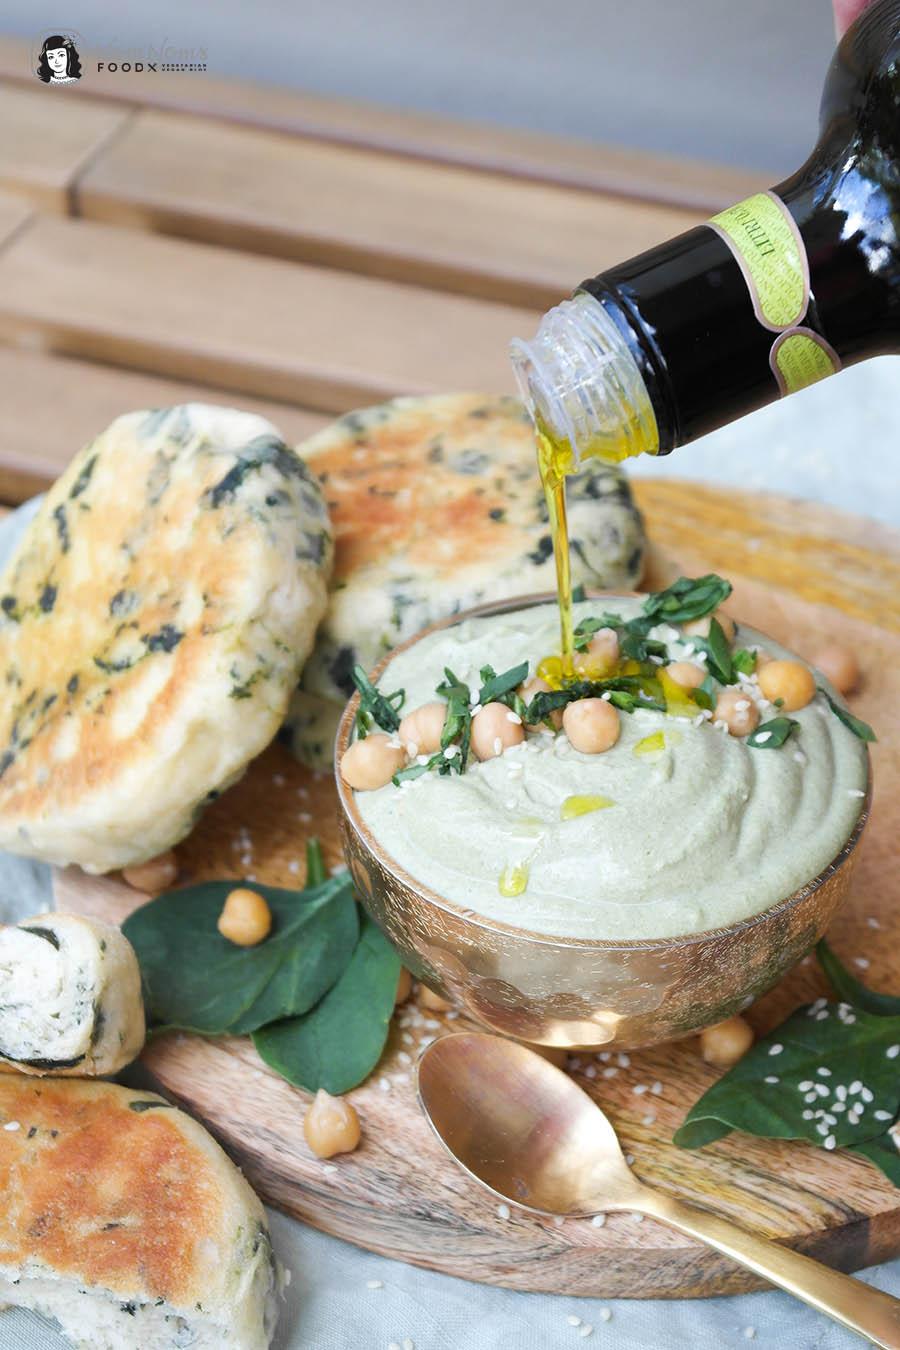 Cremiger Spinat-Ziegenkäse-Hummus mit fluffigen Spinat-Pita-Broten aus der Pfanne